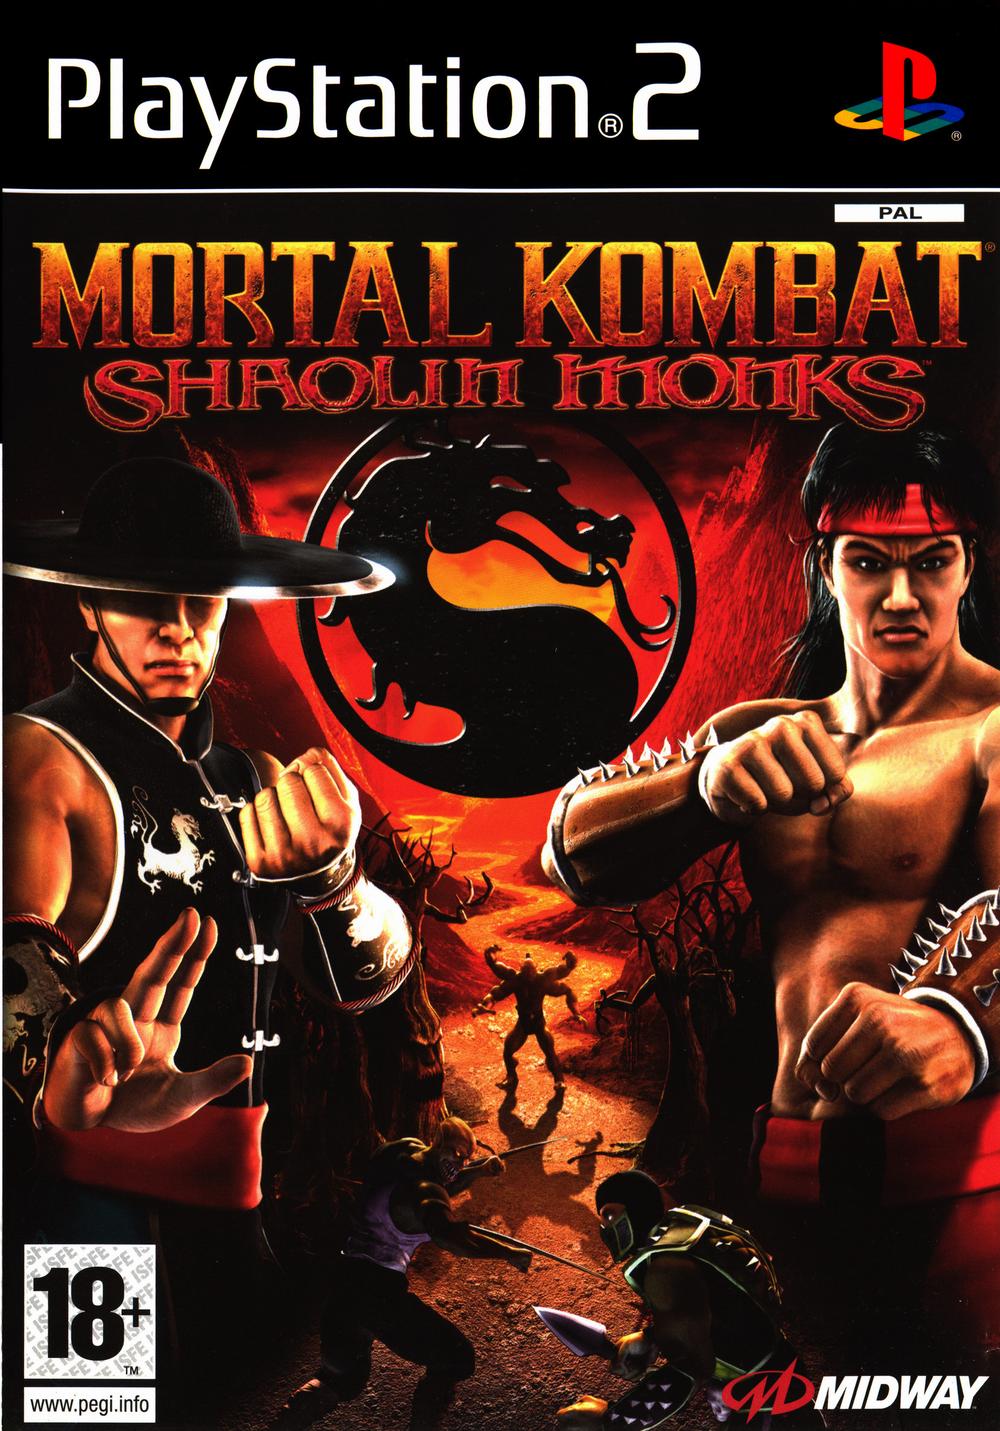 Mortal Kombat Shaolin Monks (PS2)